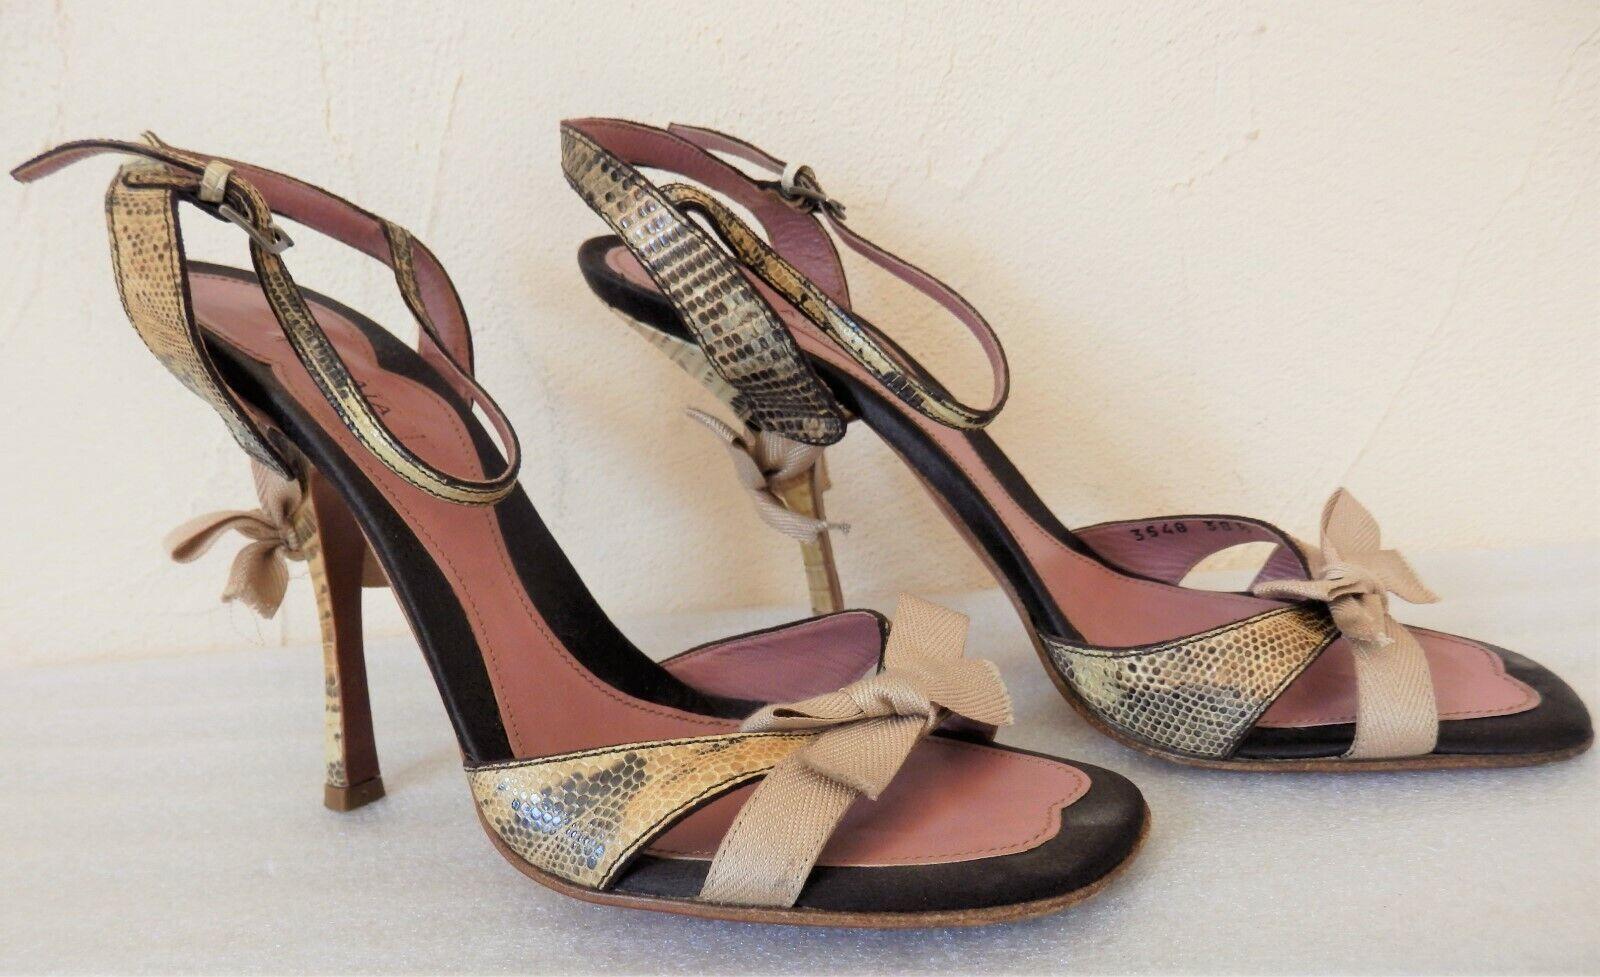 oferta de tienda Alaia - - - Sandalias de Tacón - Cuero Lagarto - Número 38,5 - Auténtico  en stock